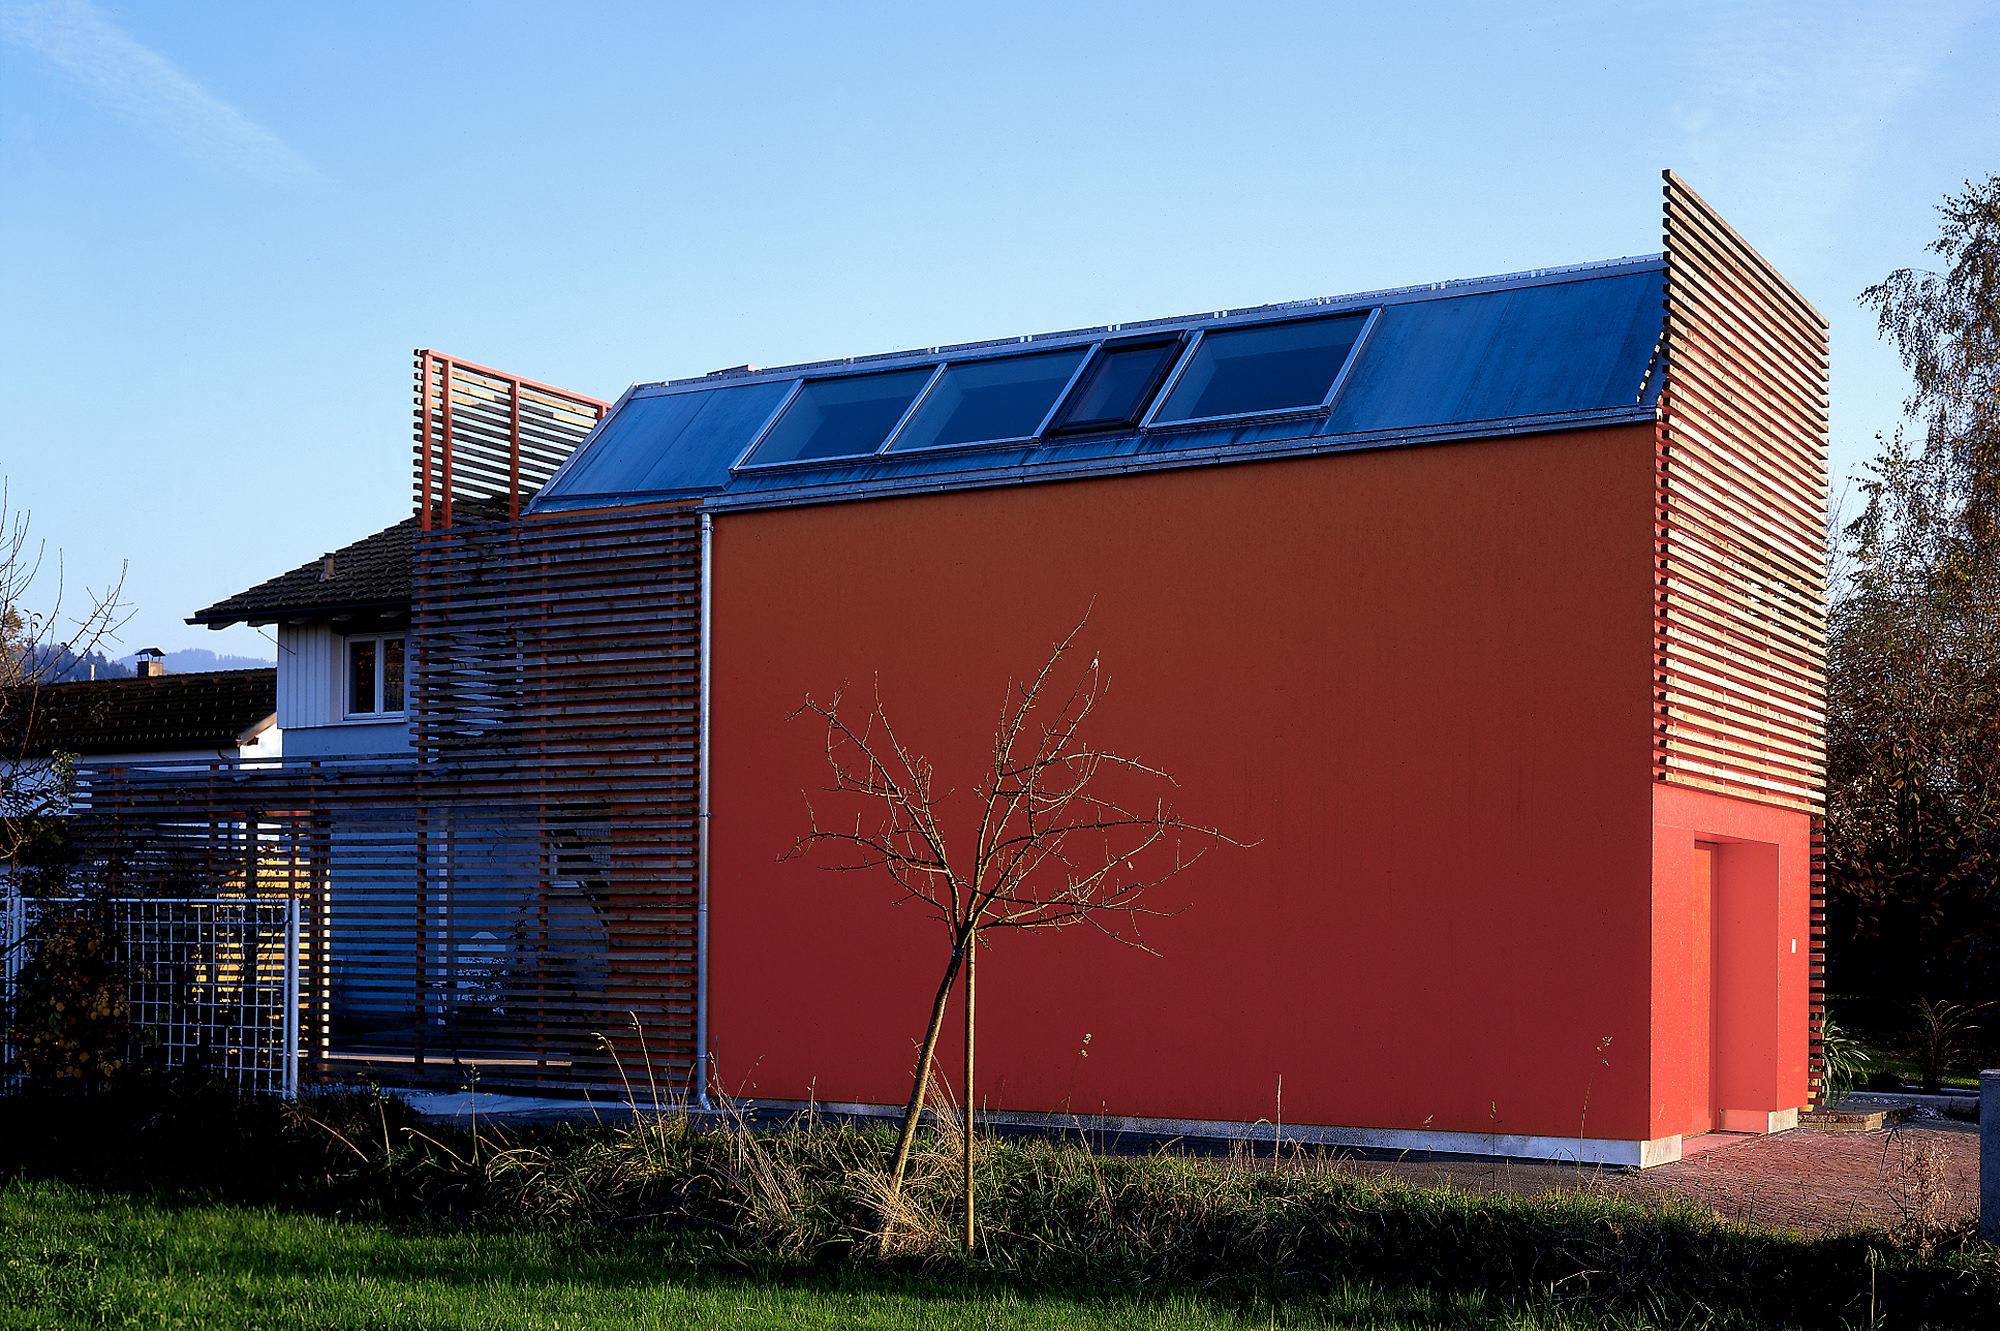 atelier_schmutzer_04_umbau_erweiterung_wolfurt_vorarlberg_junger_beer_architektur